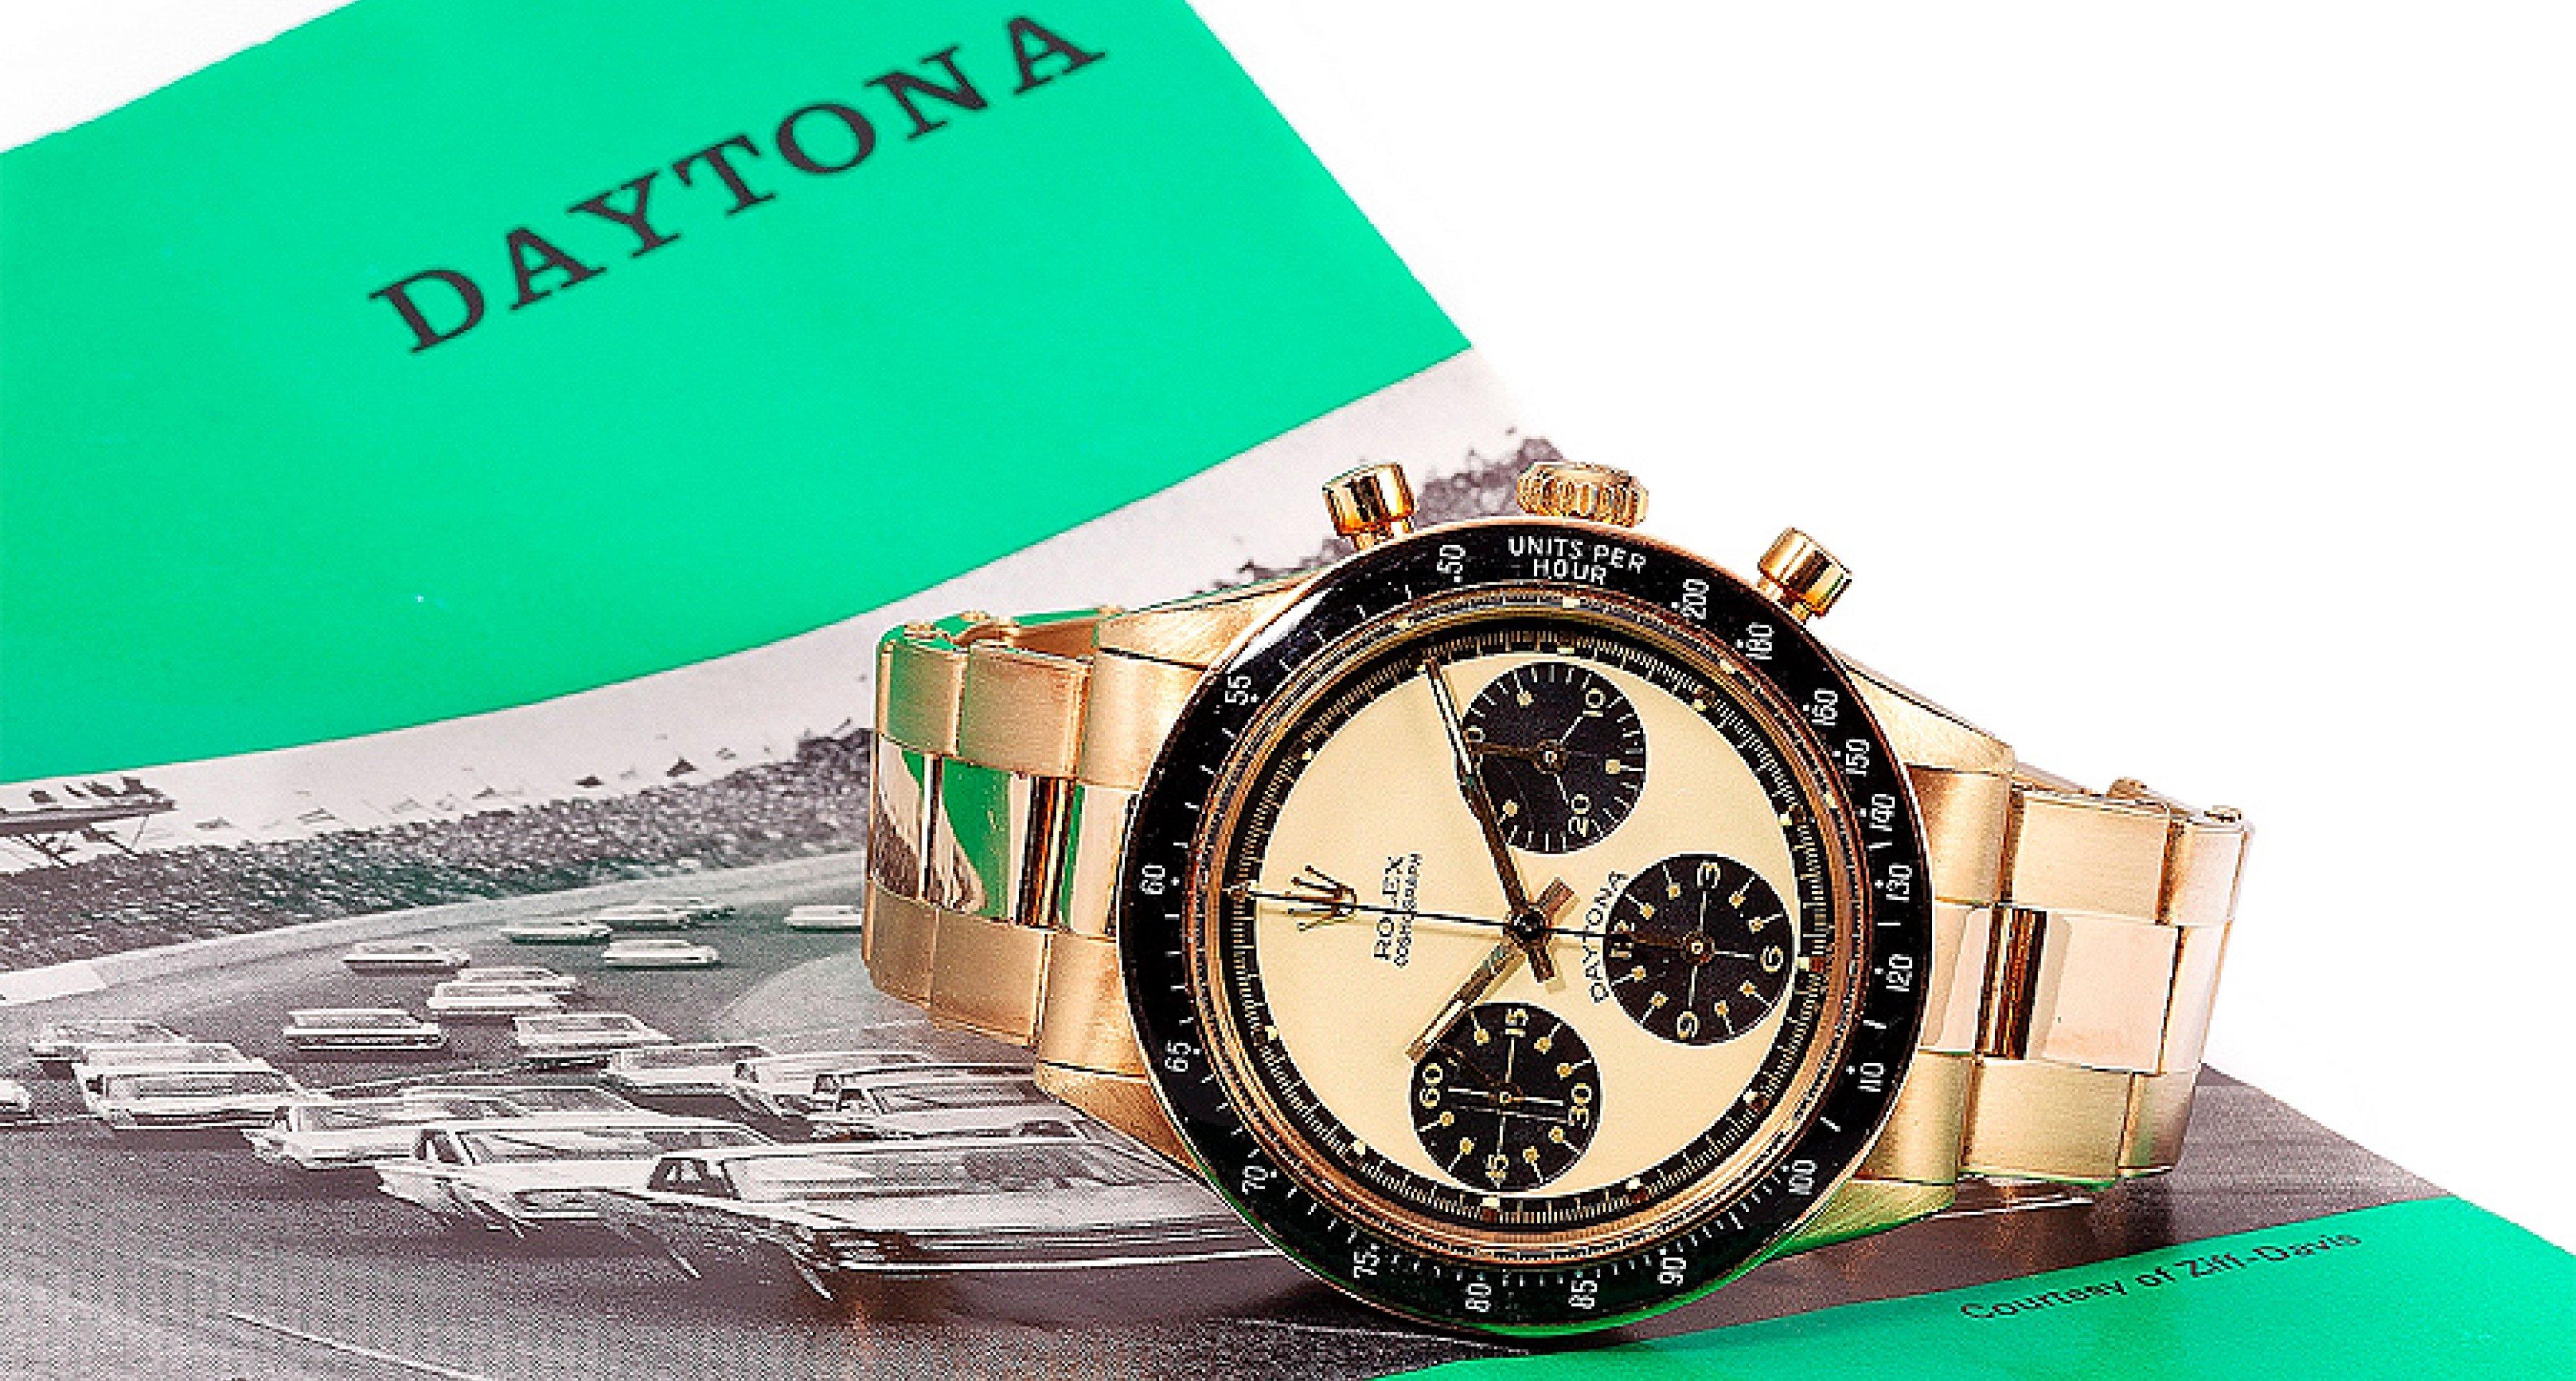 Vintage Rolex Daytona: Investition auf Höhe der Zeit